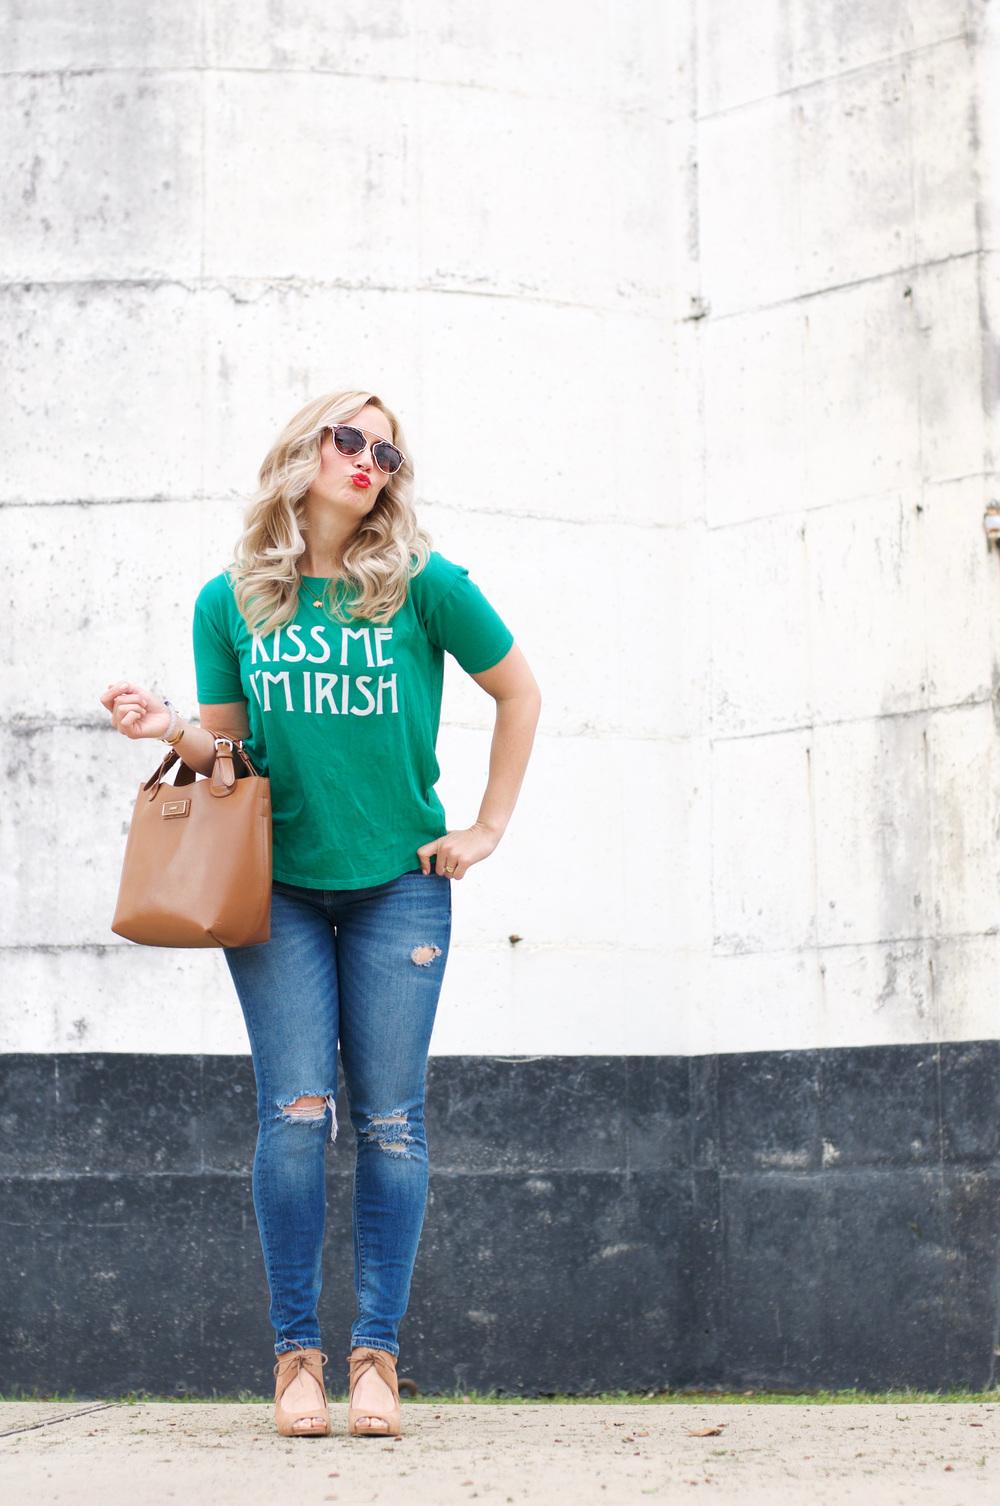 Kiss Me I'm Irish2.jpg